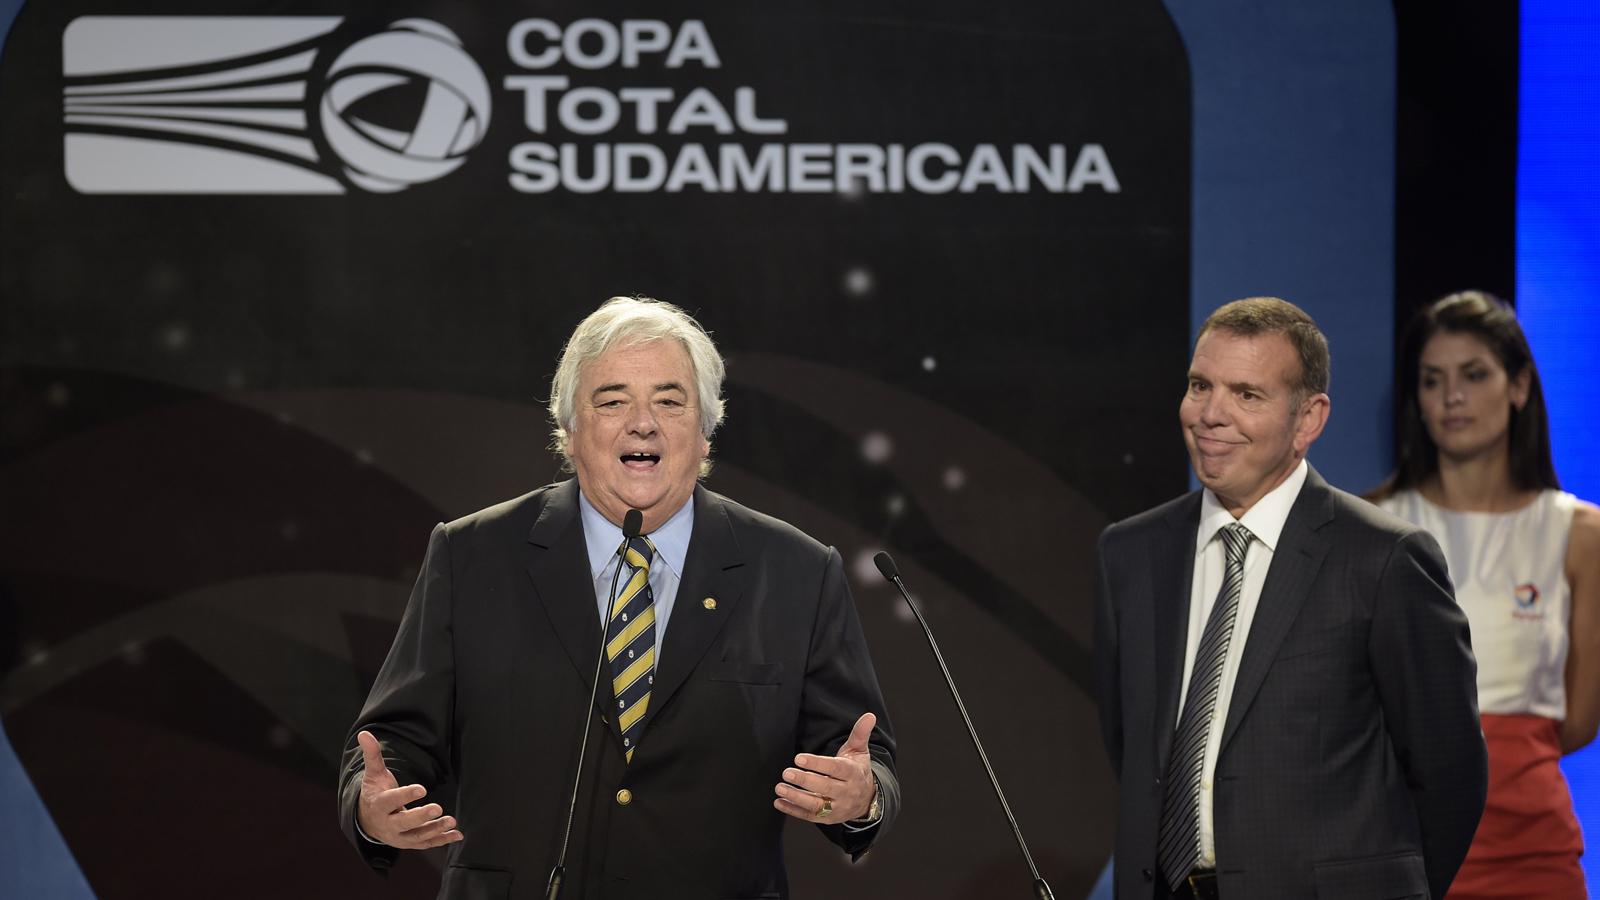 CONMEBOL general secretary